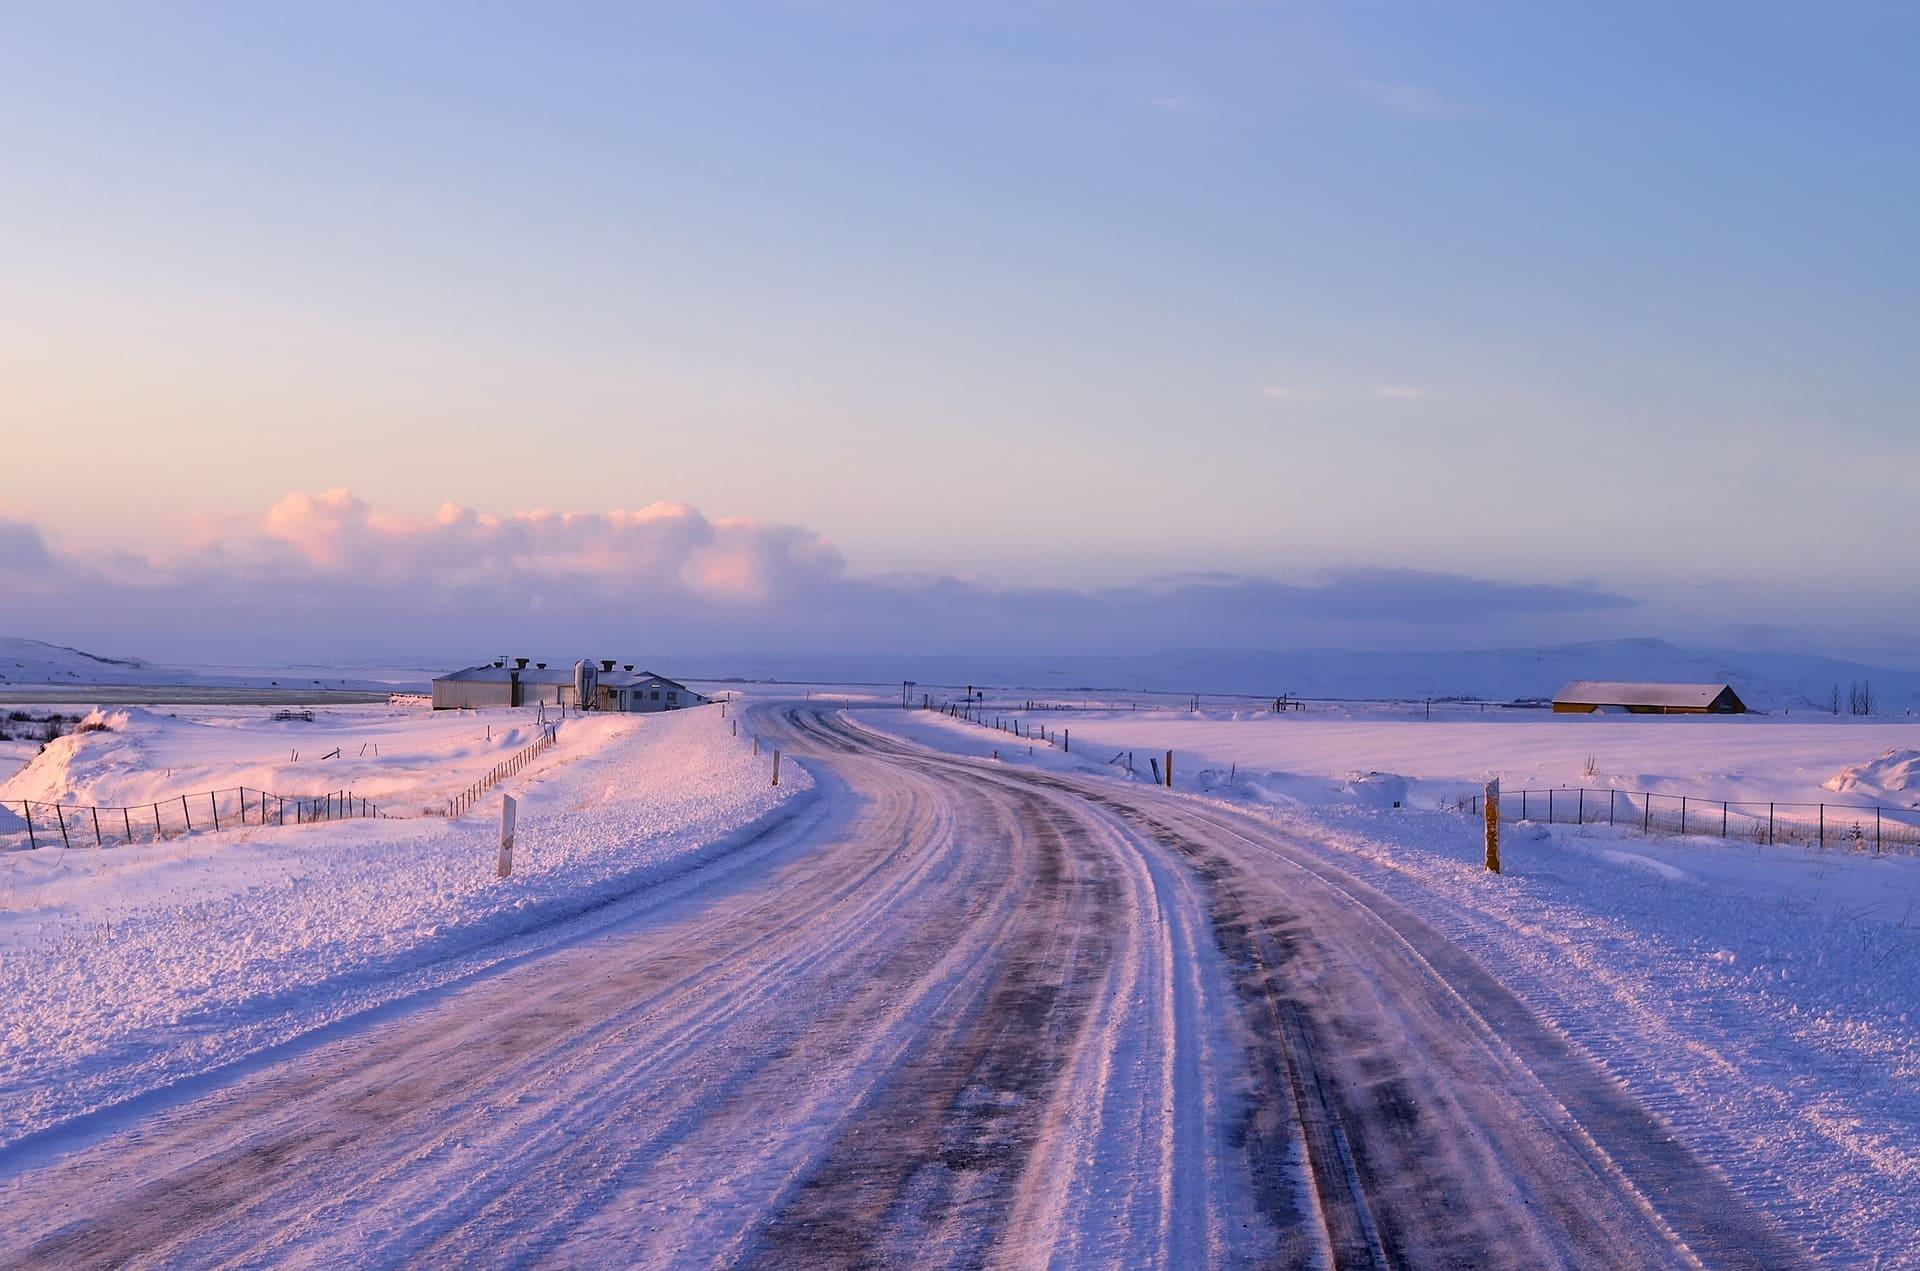 Garge Muller Pneu et accesoire hiver 2020 et decret officiel sur les pneus neige